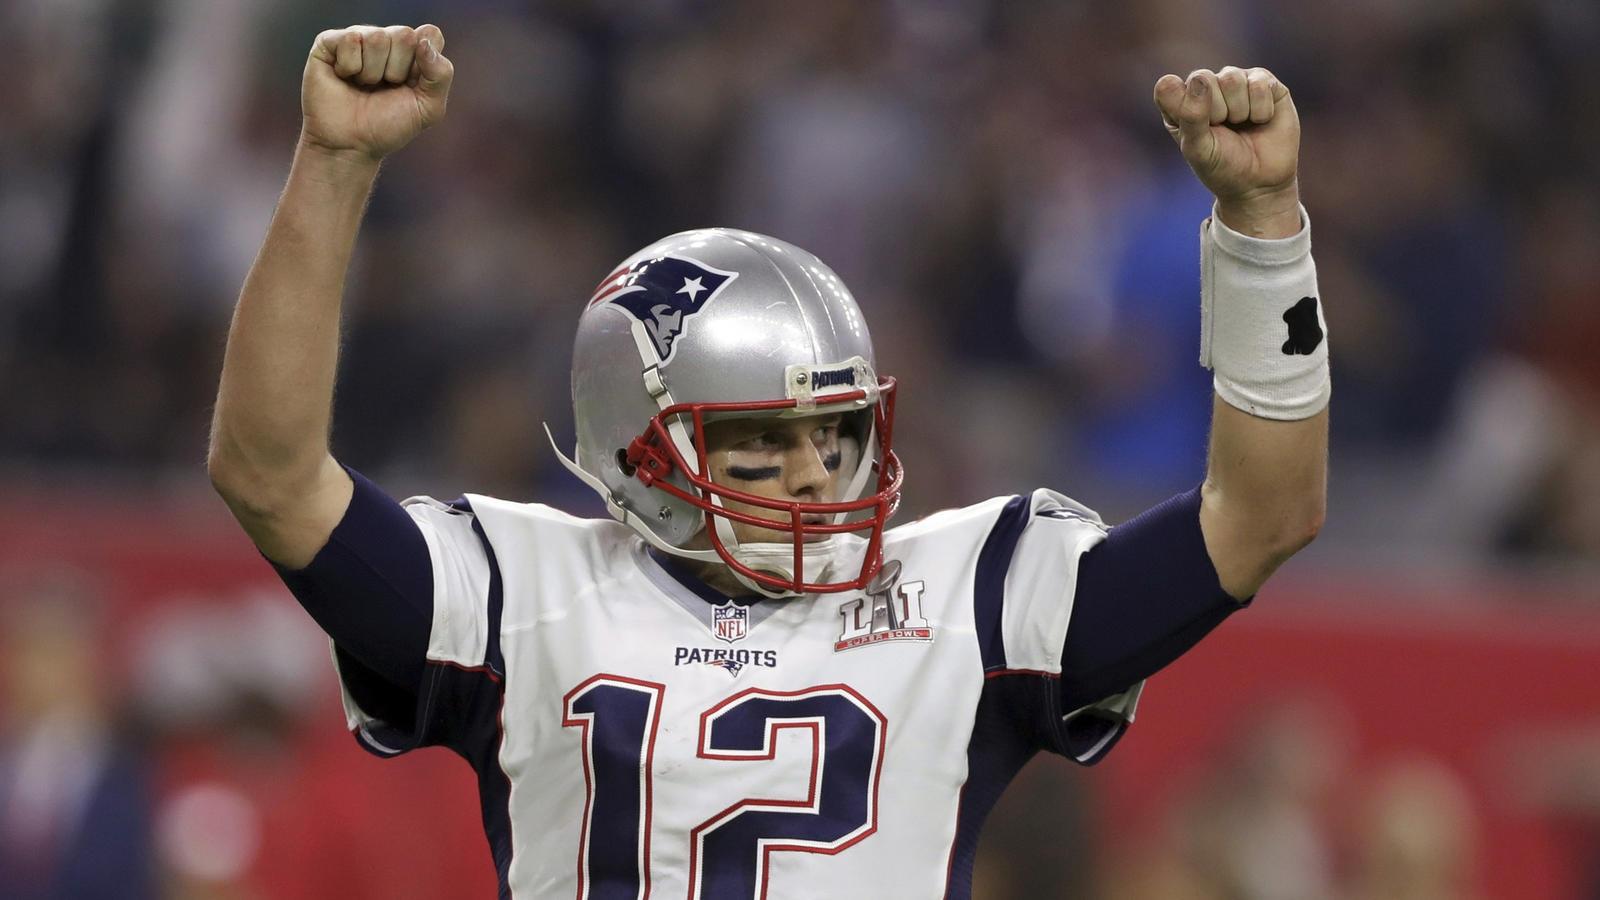 info for a2380 e4613 Super Bowl LI: Patriots win thriller over Falcons in ...